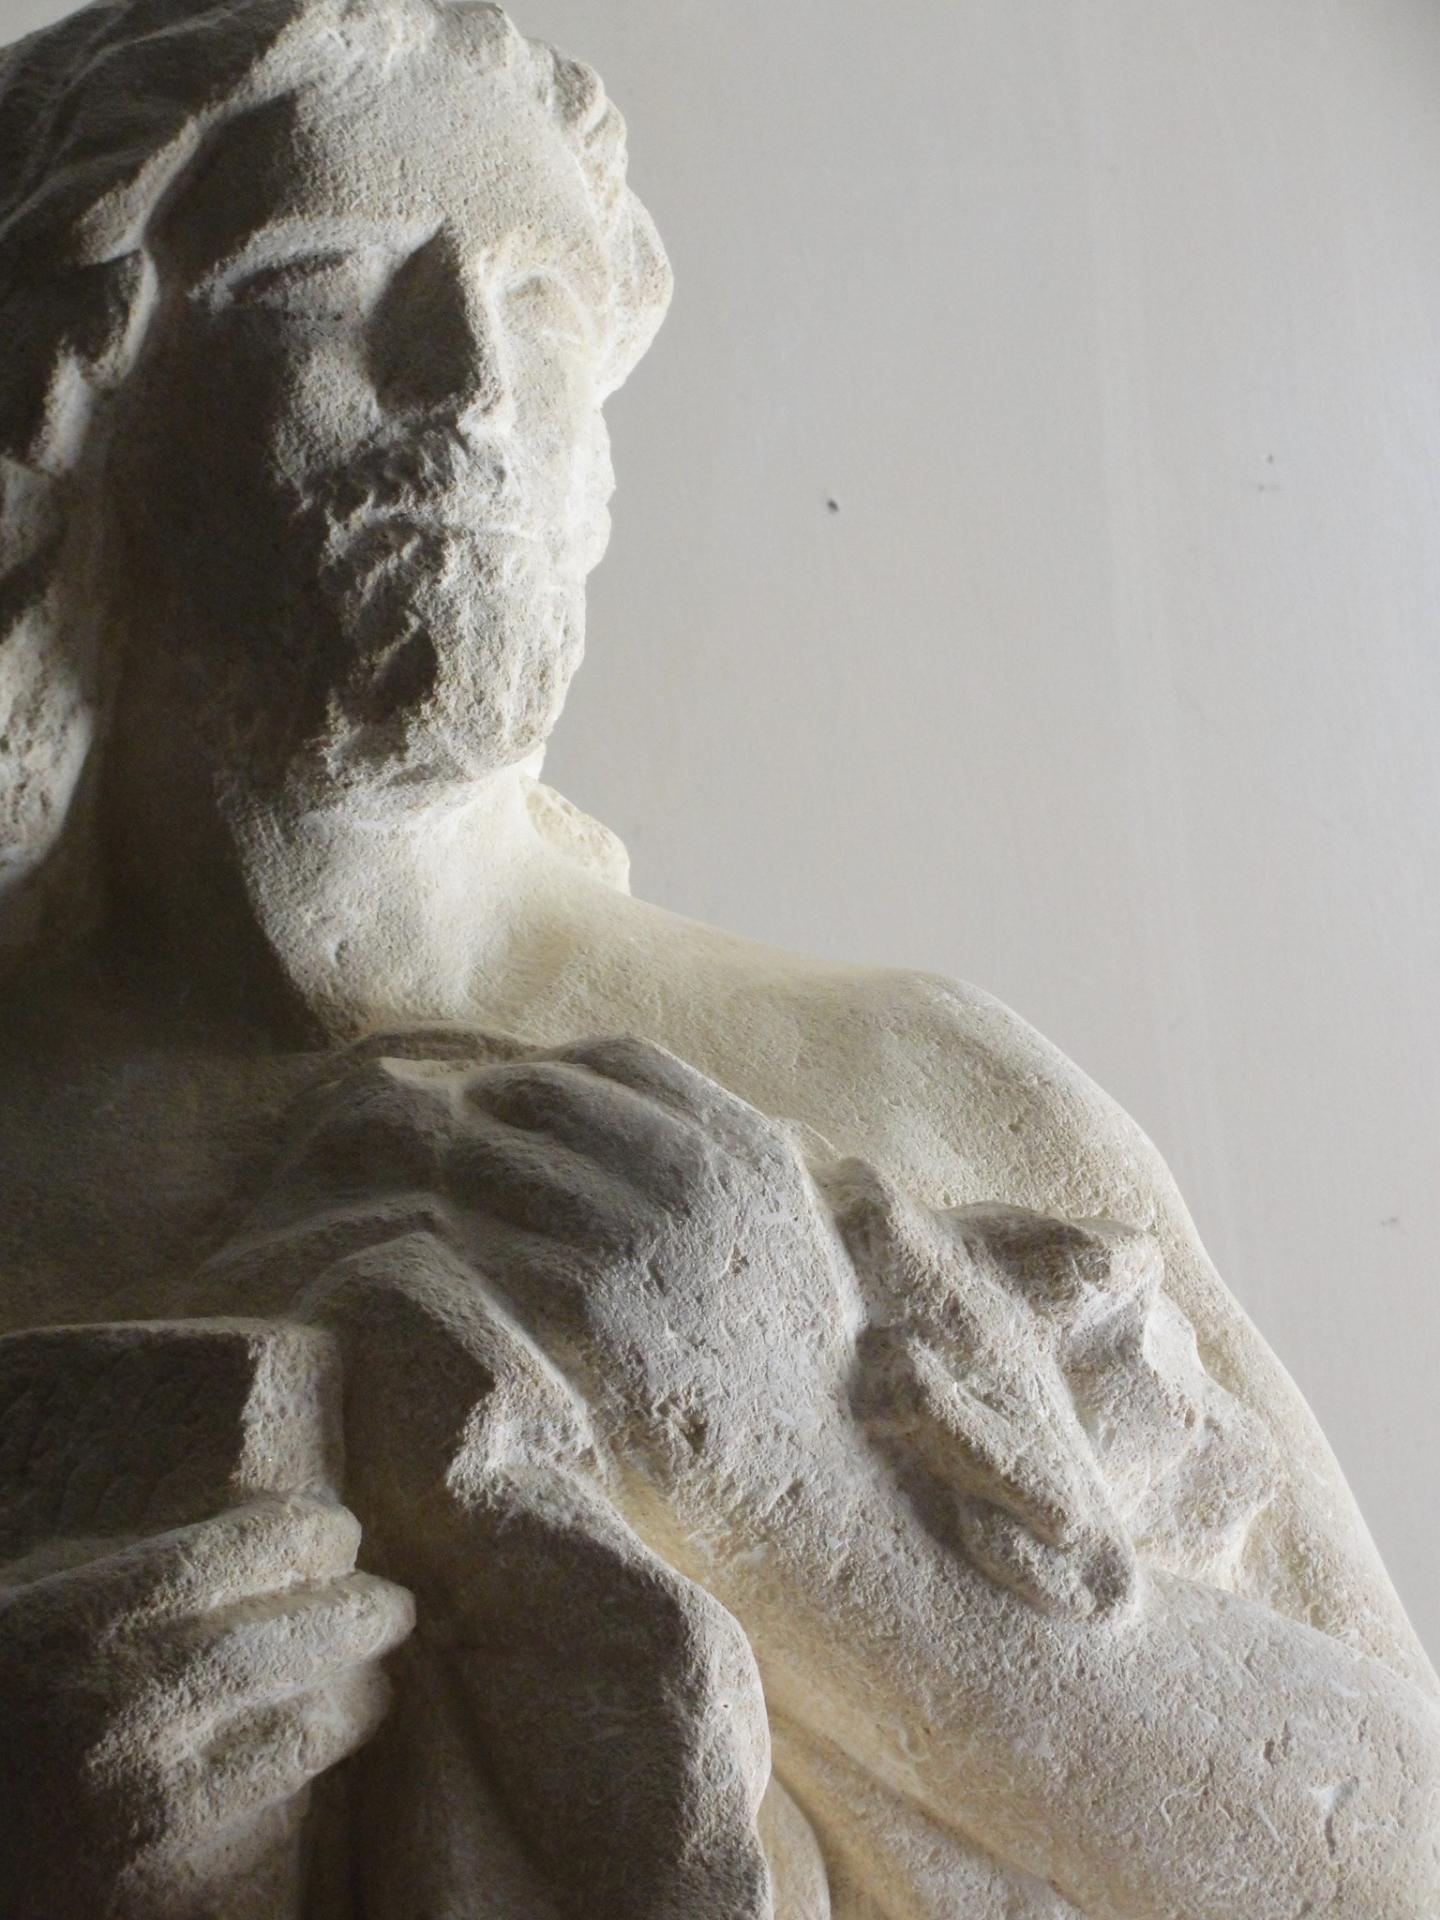 St marc sculpture en pierre 1 2m 86